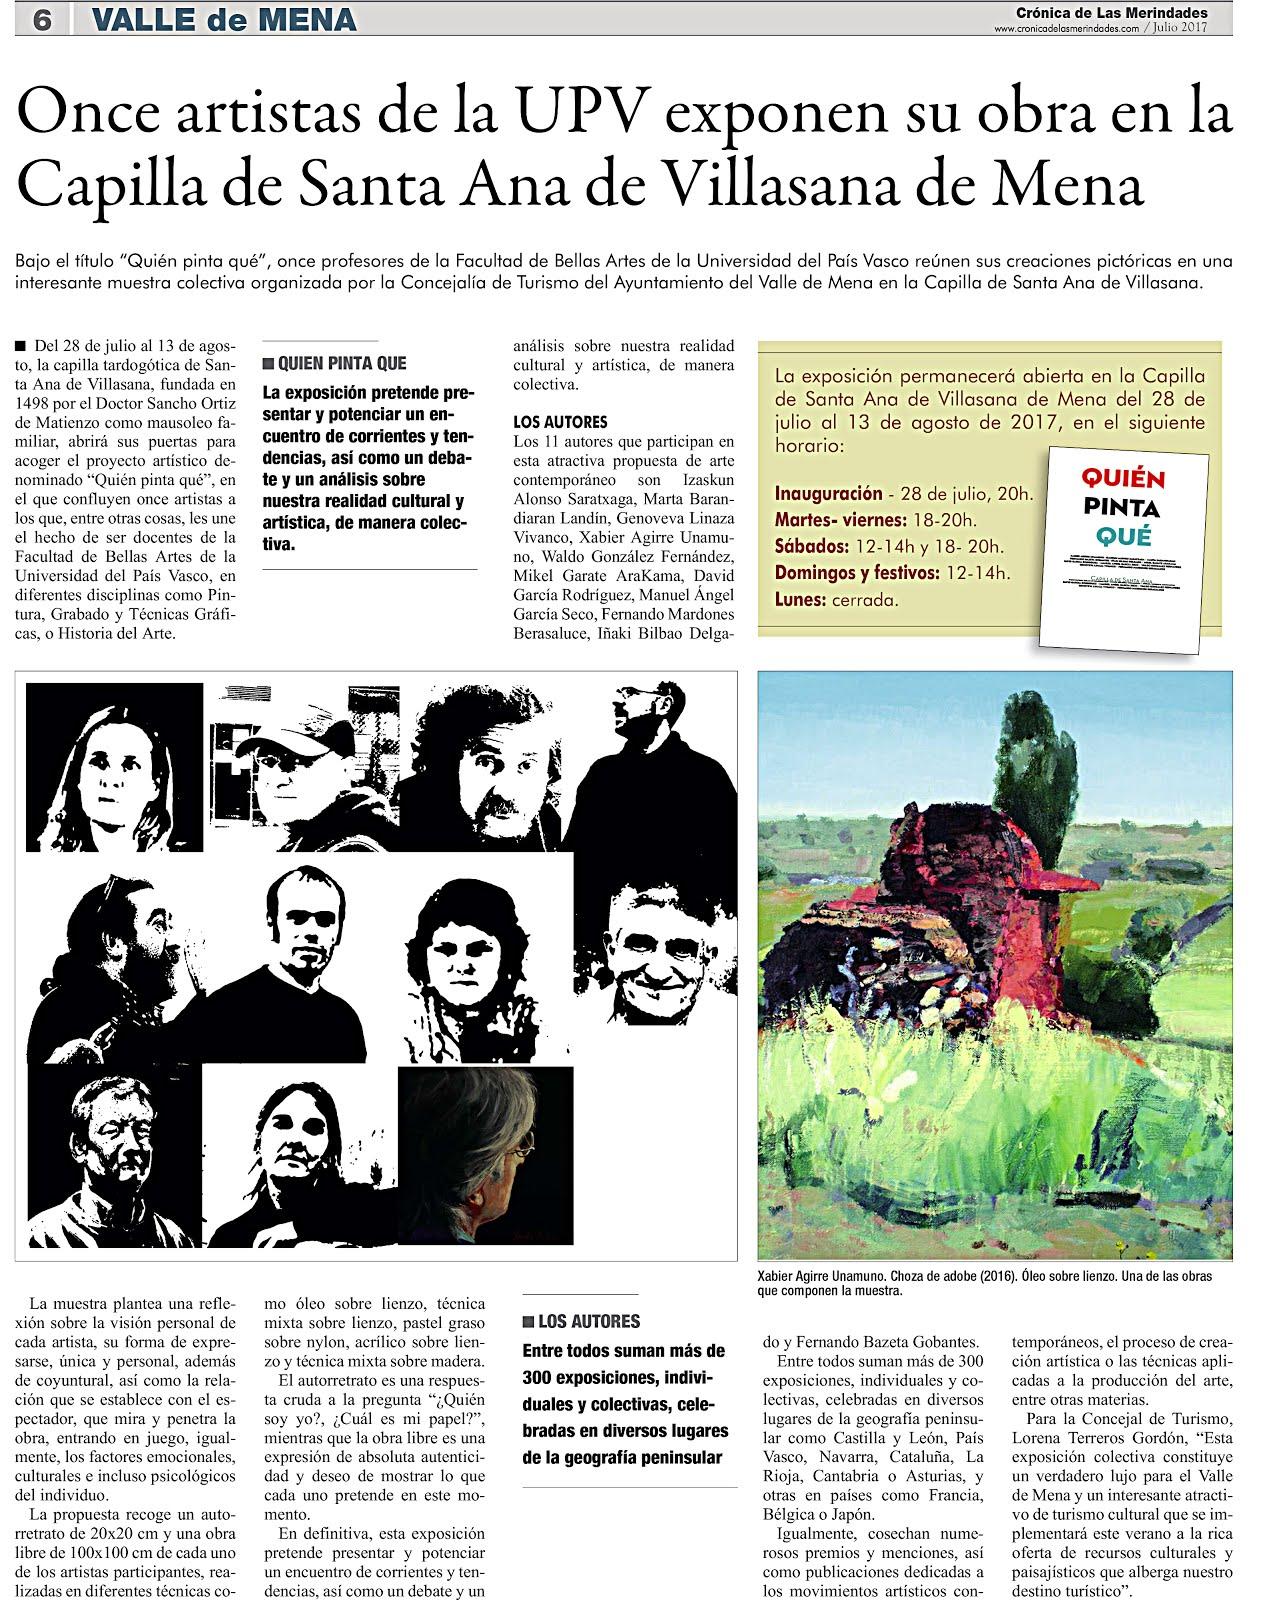 EXPO VILLASANA DE MENA. !! Artistas de UPV